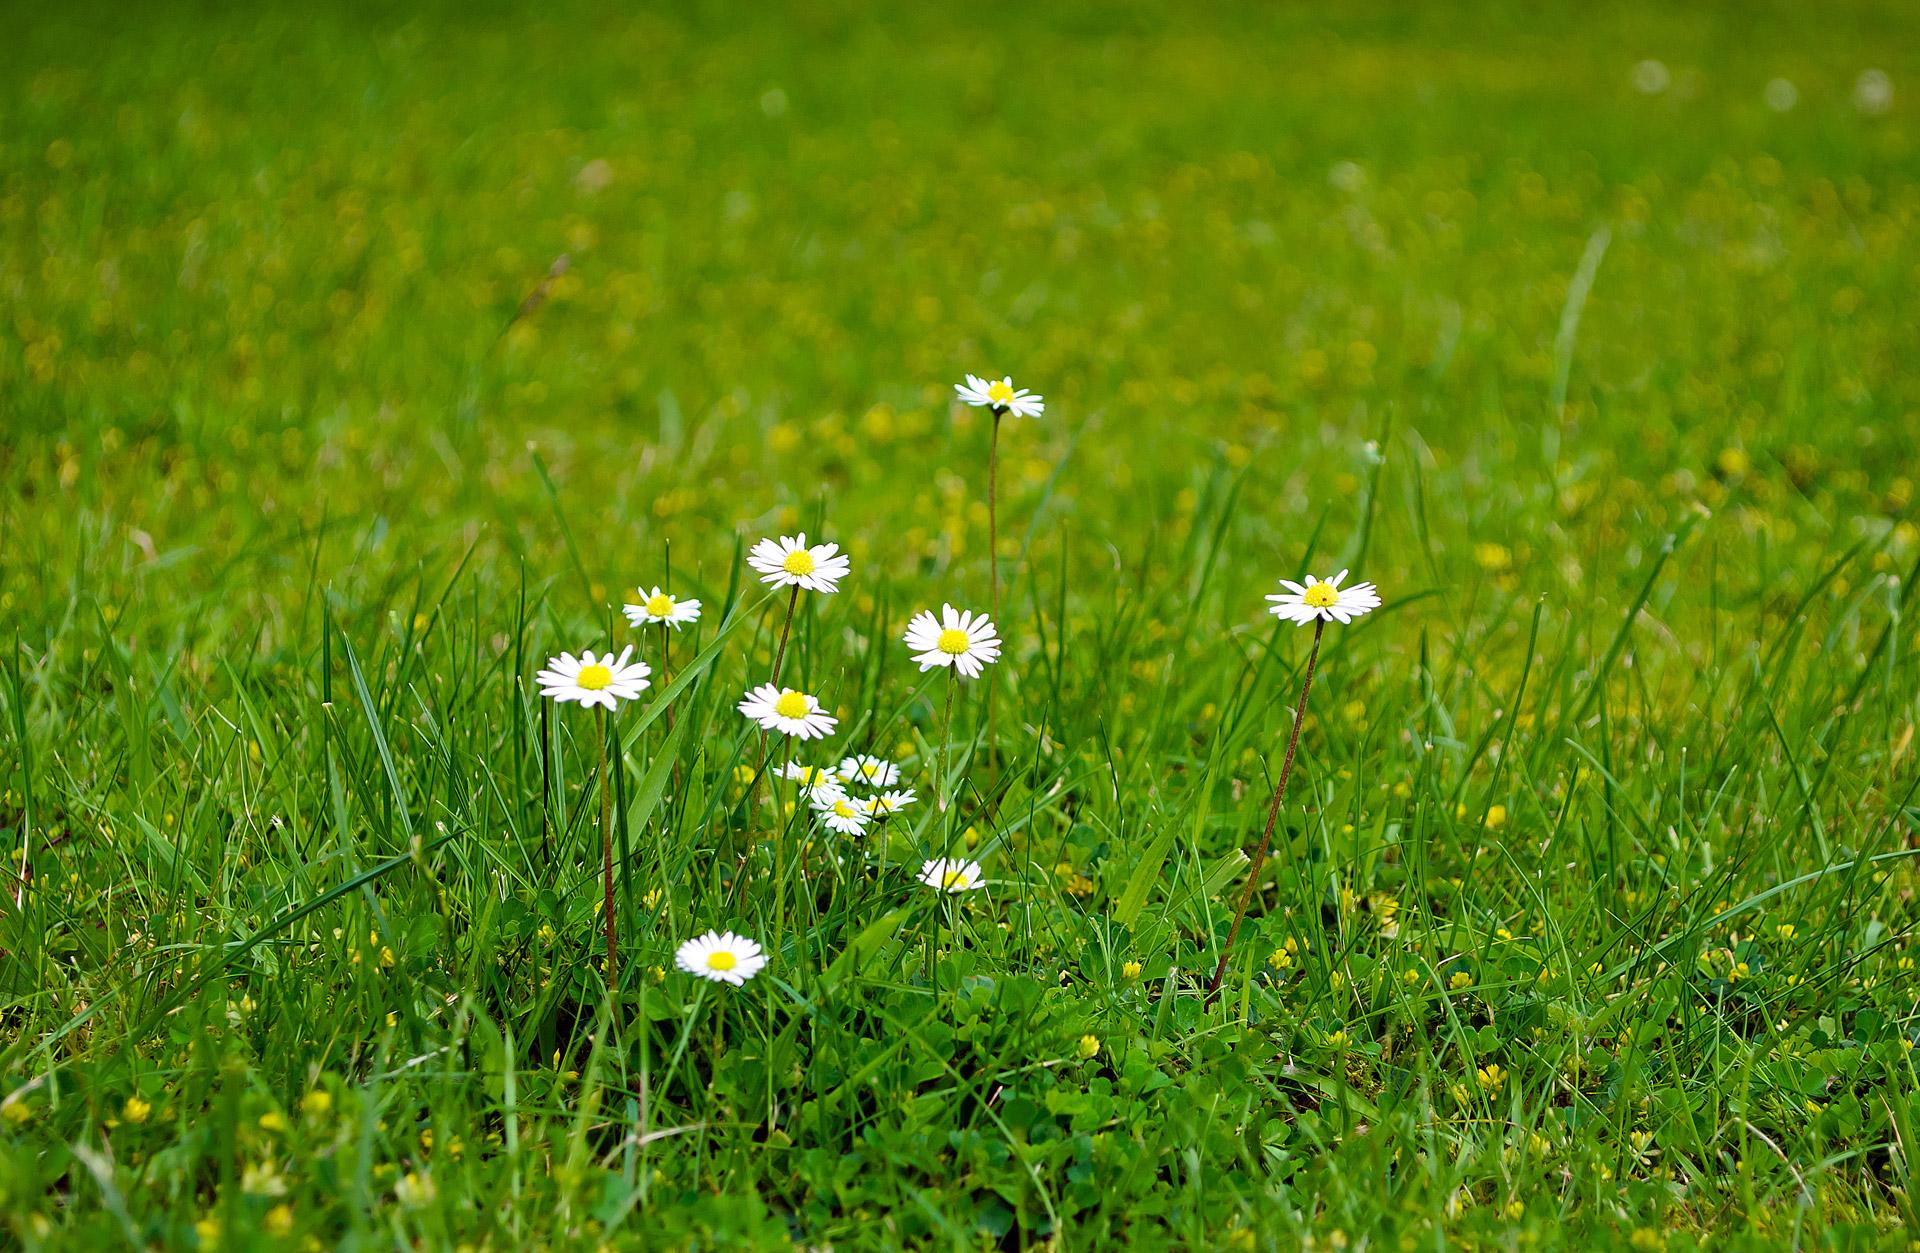 Hình ảnh hoa cỏ màu trắng